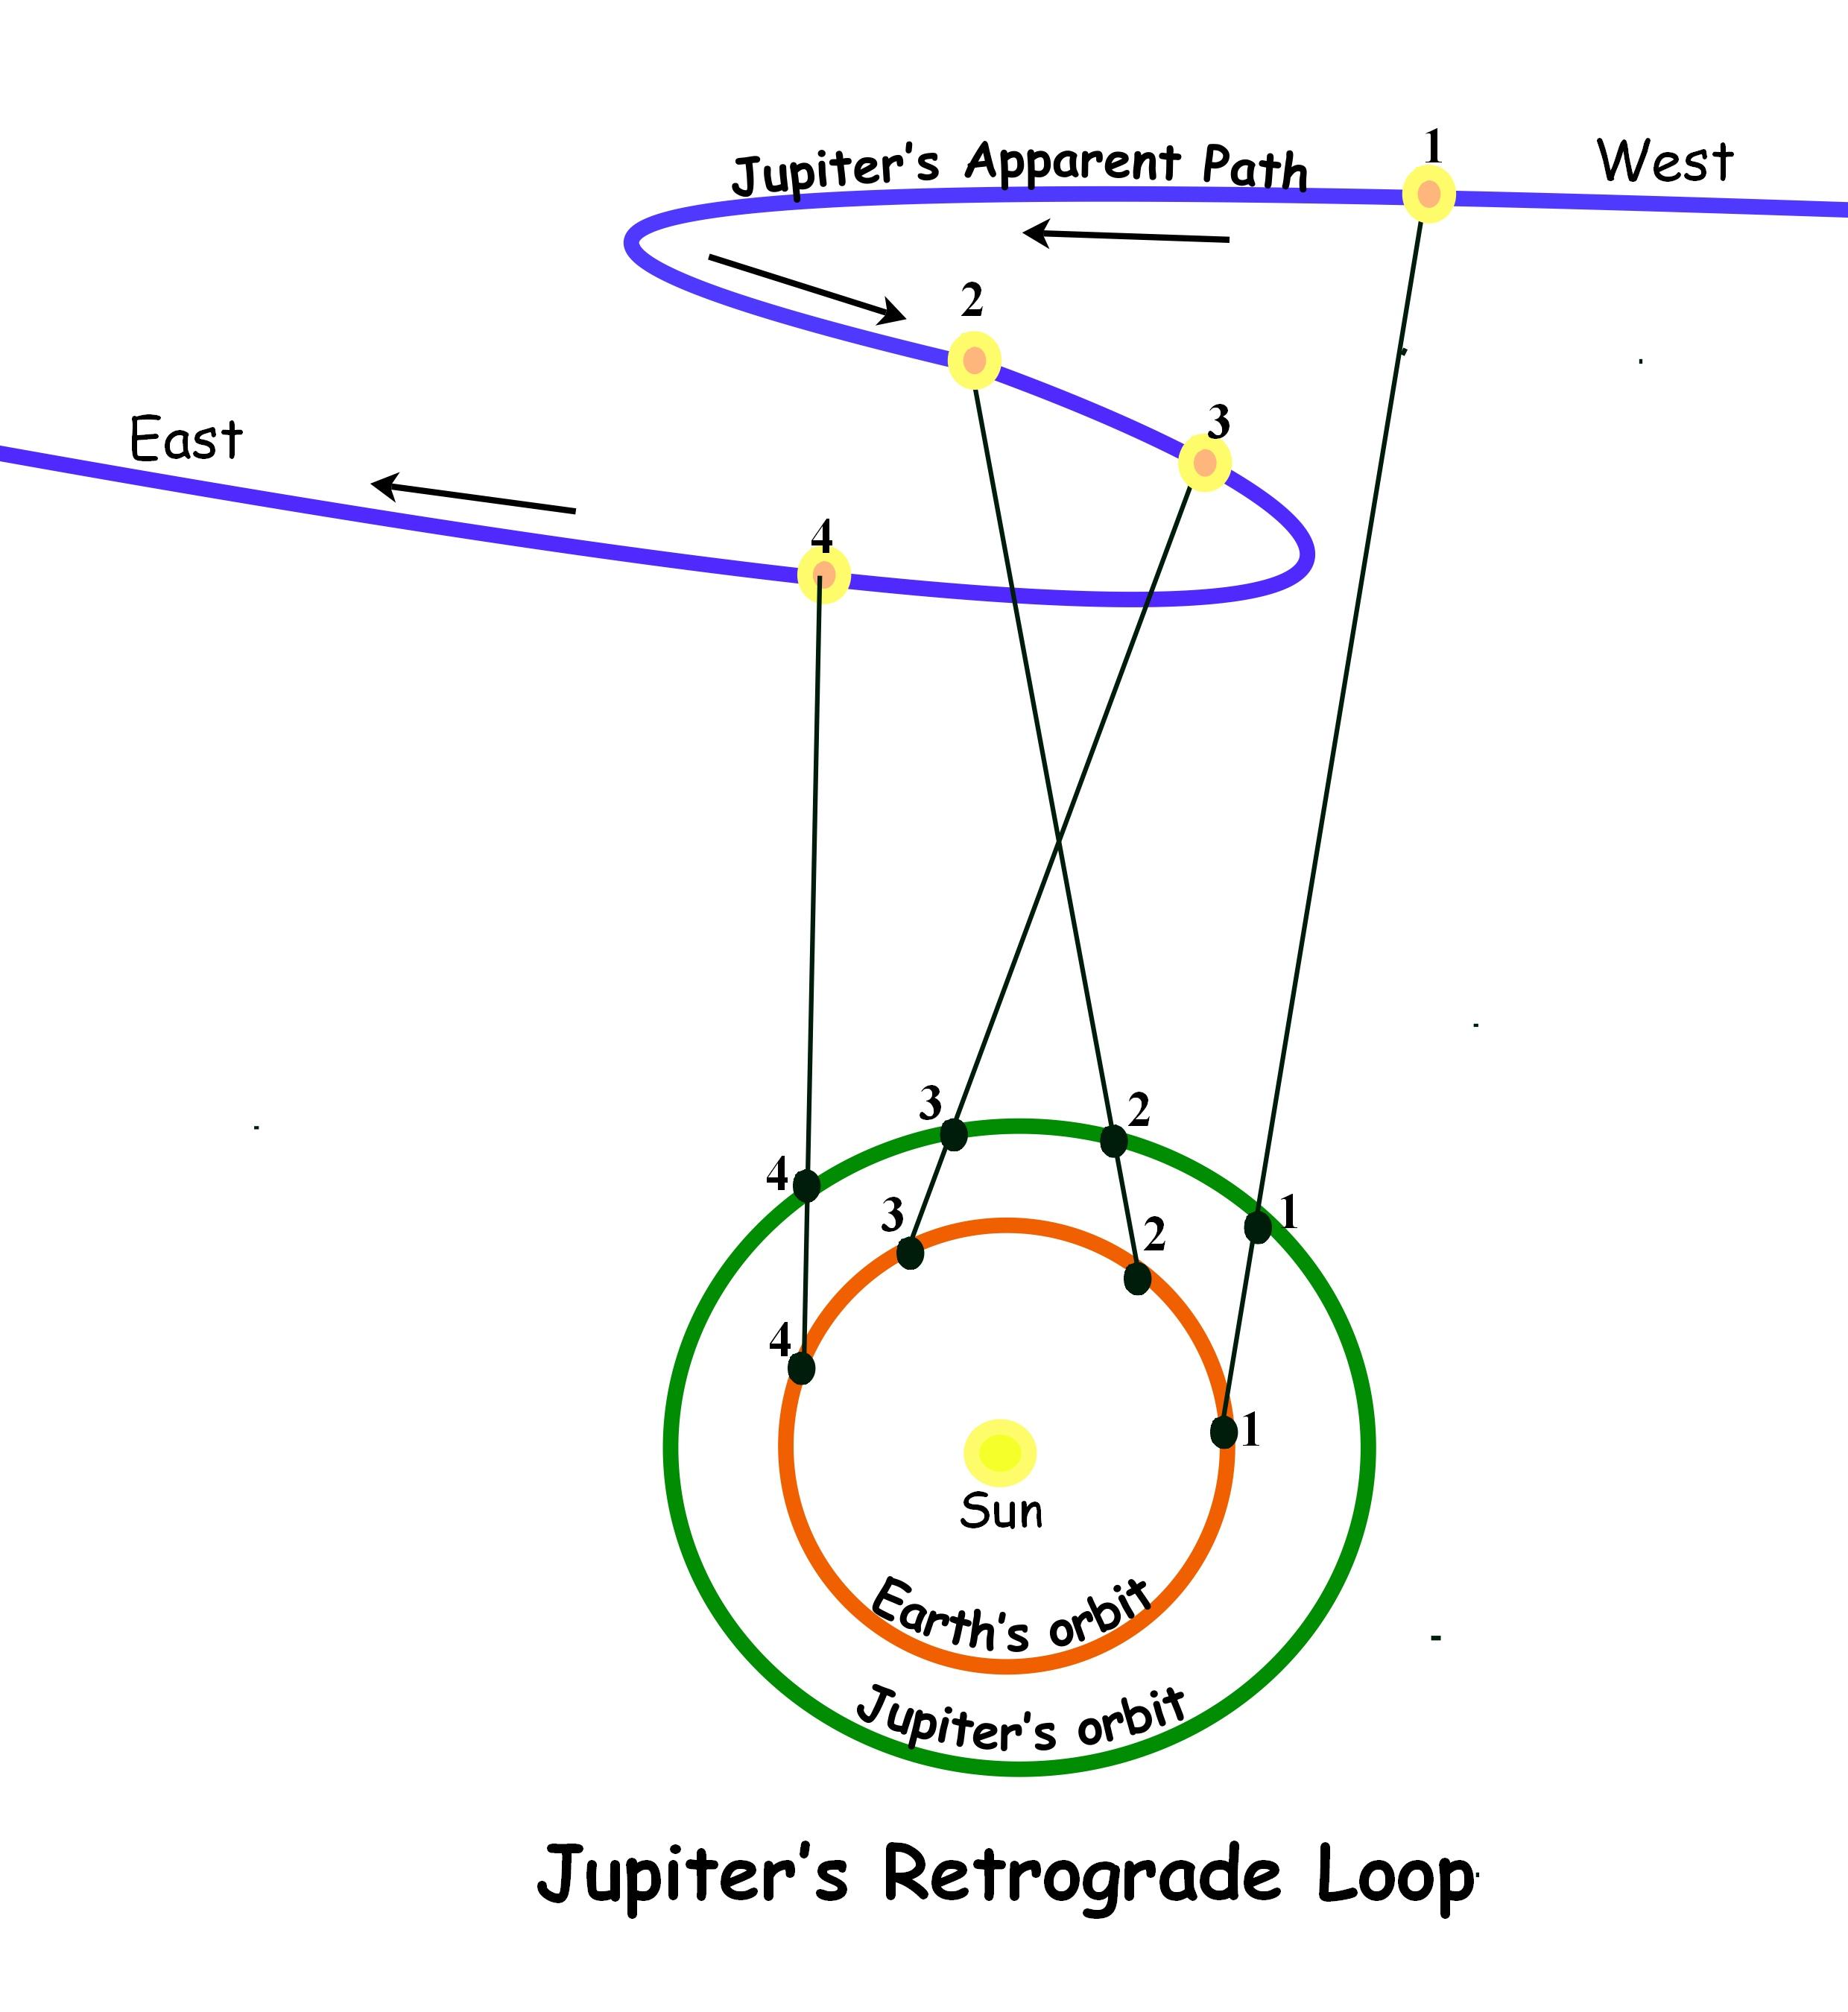 jupiter's retro loop